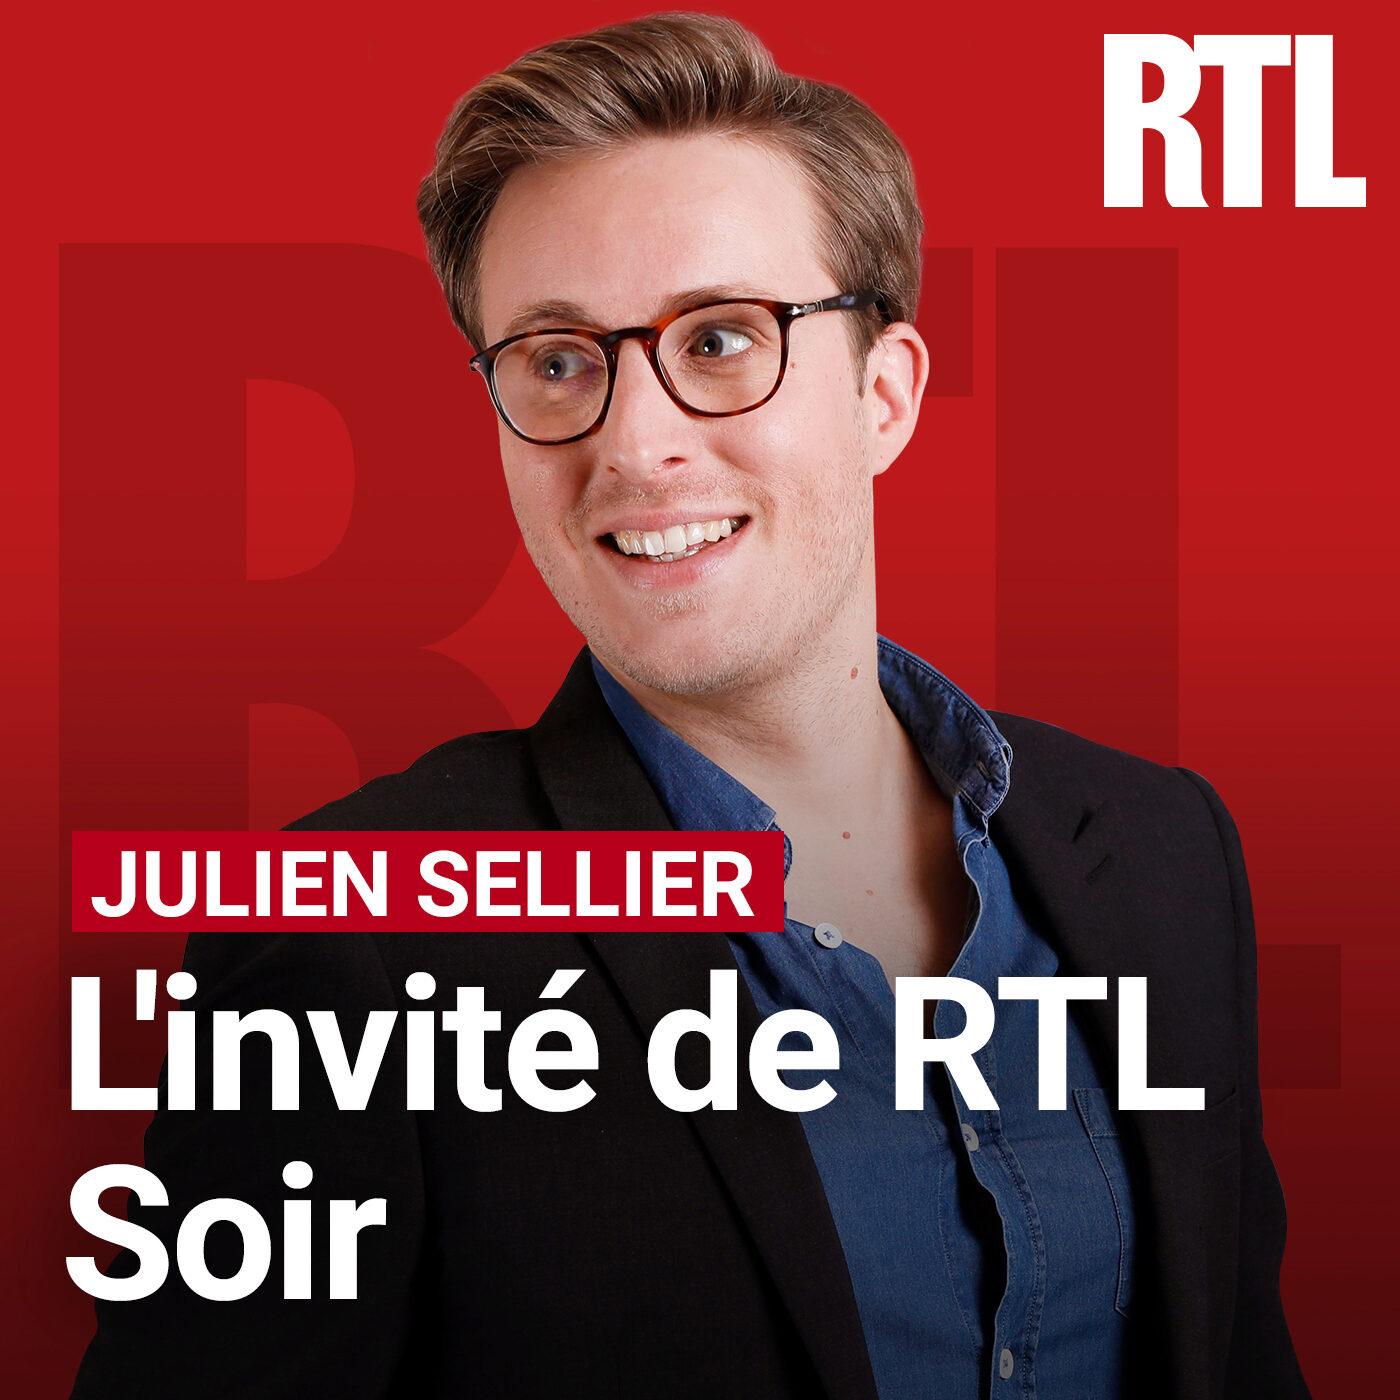 Image 1: L invite de RTL Soir